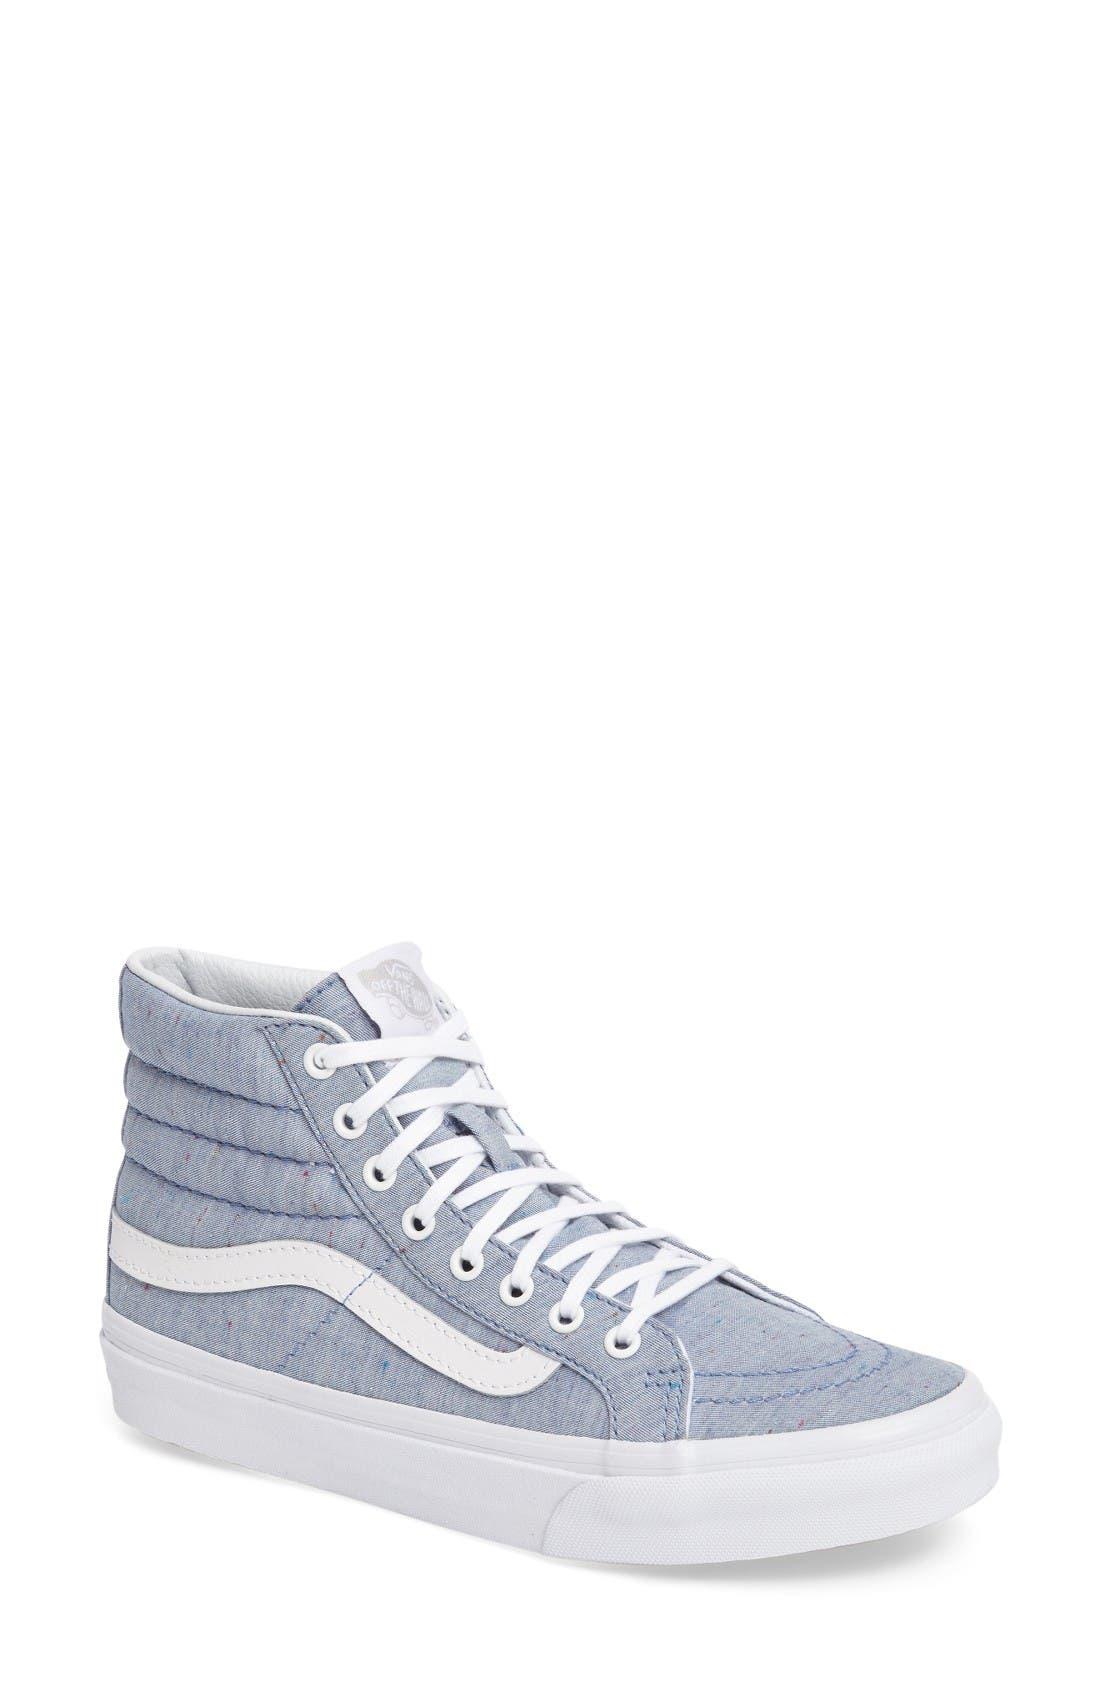 Main Image - Vans Sk-8 Hi Slim Sneaker (Women)